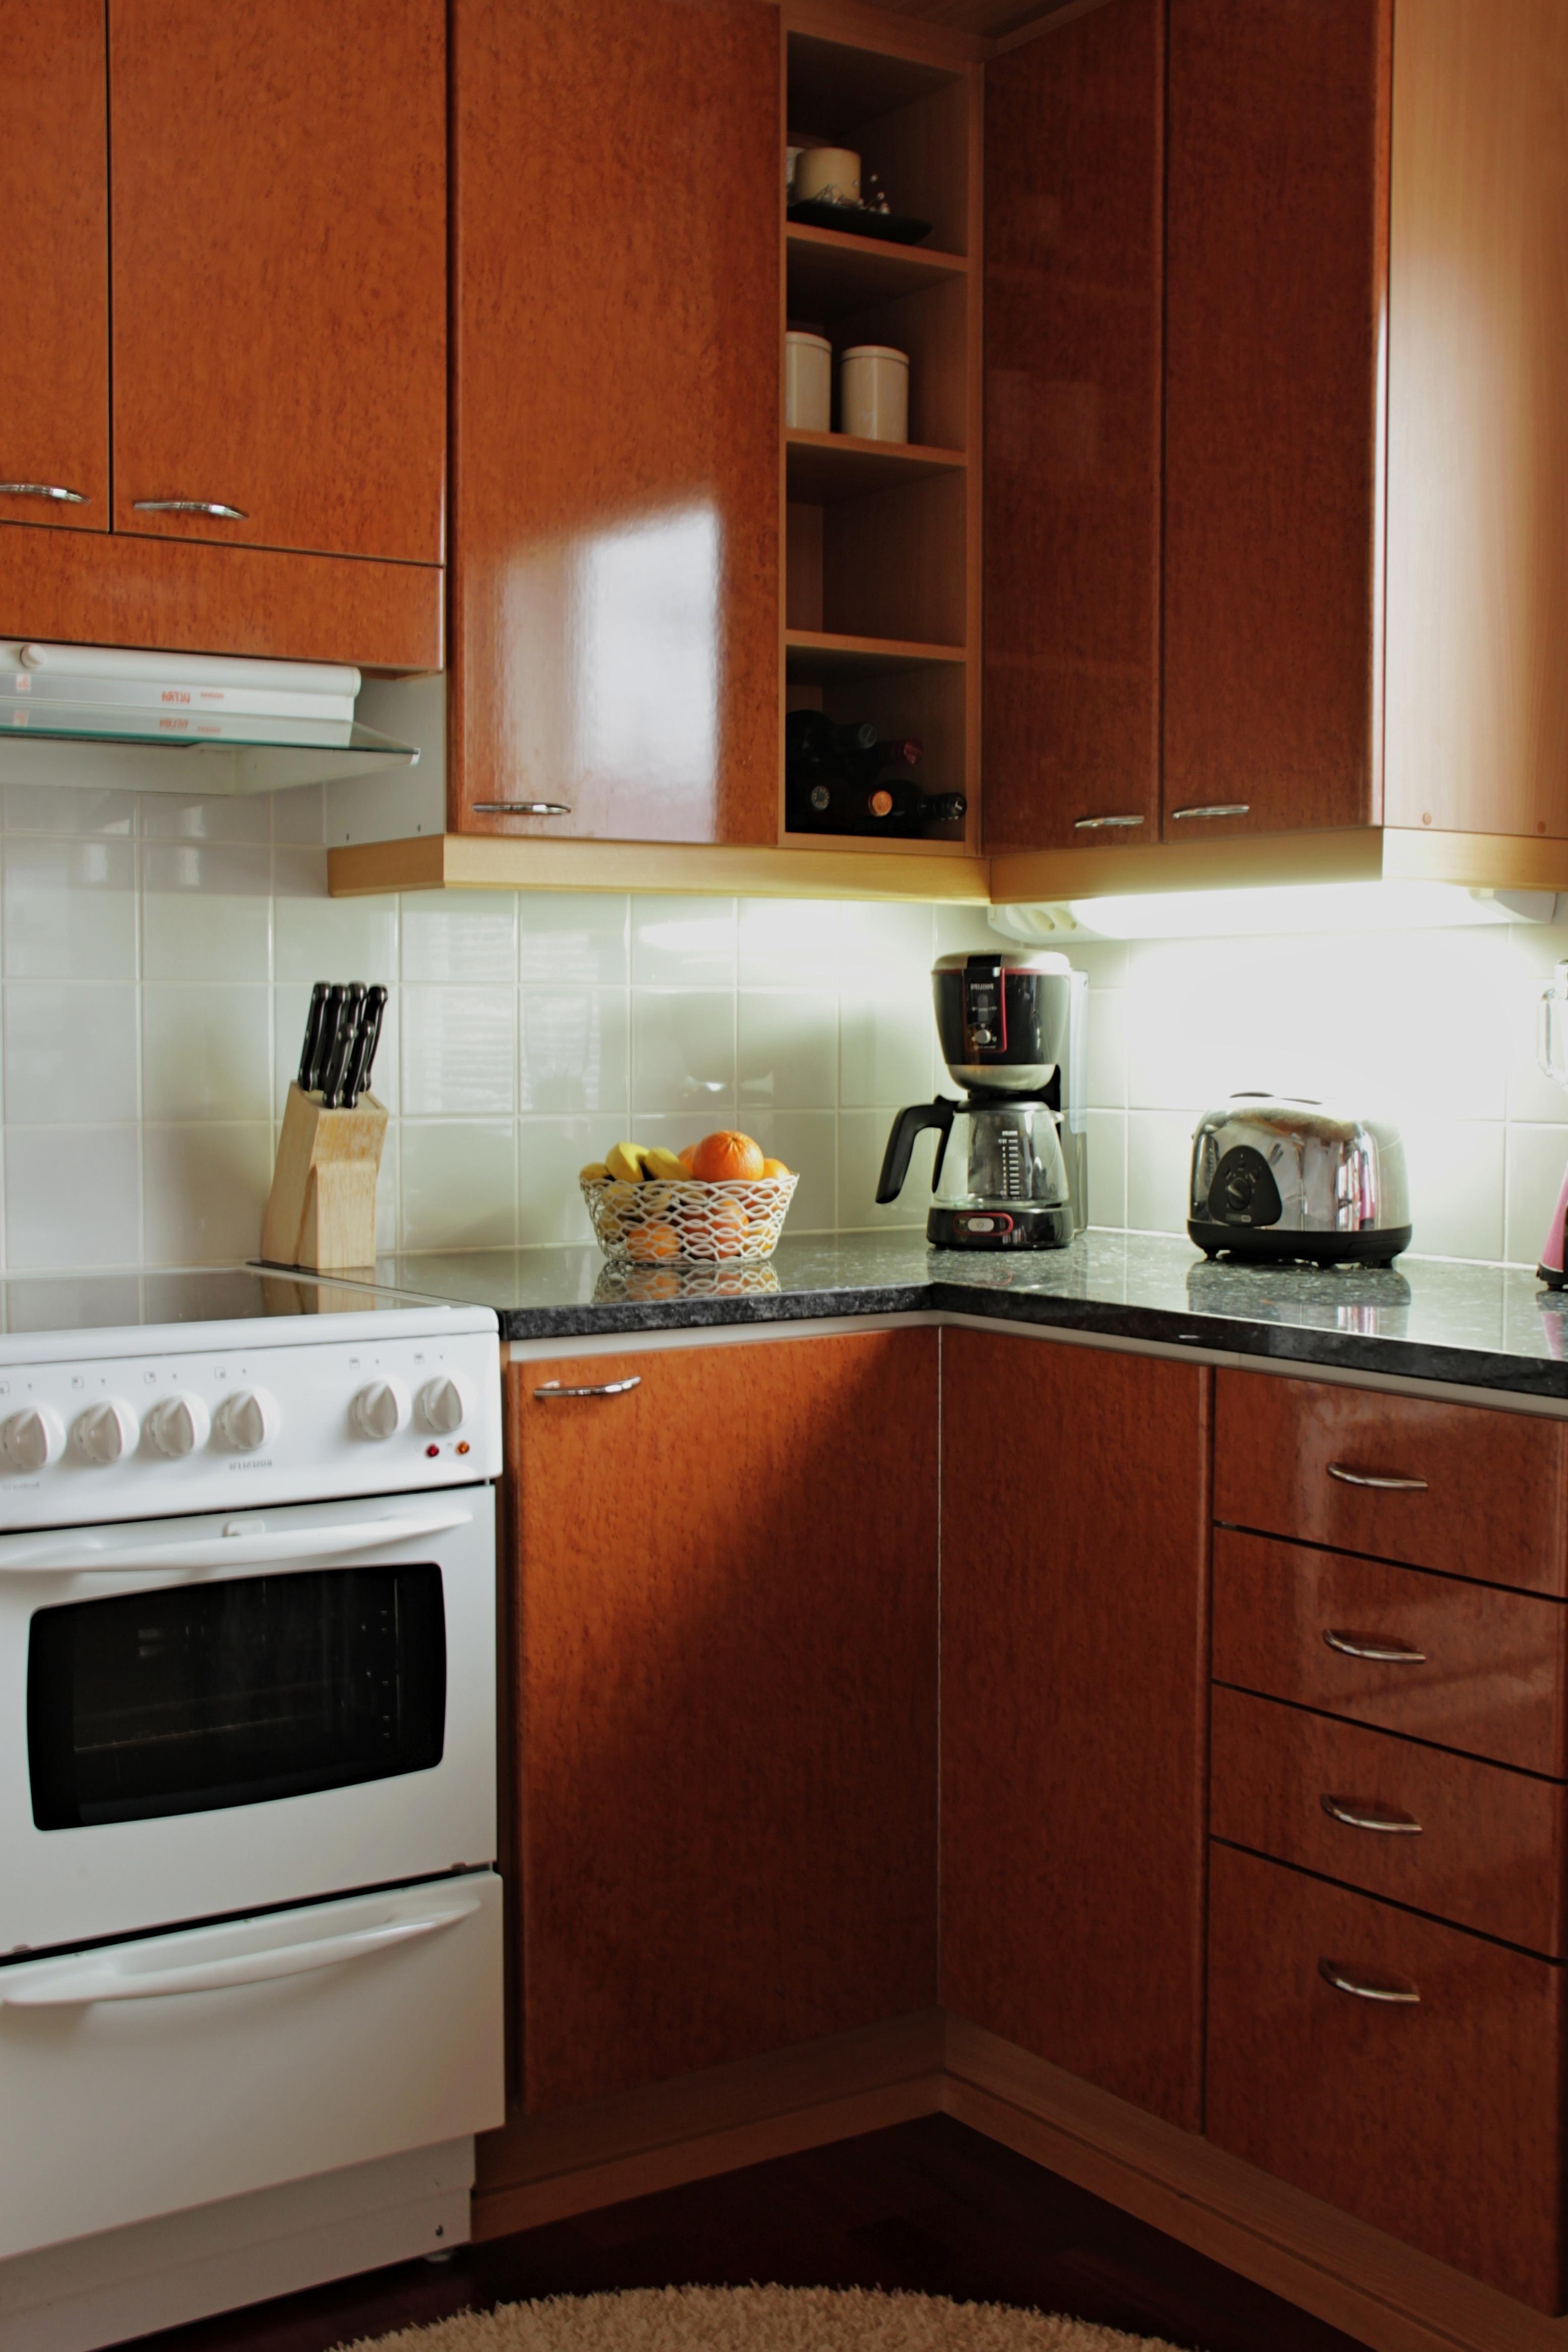 Image libre cuisini¨re étag¨re ustensiles de cuisine